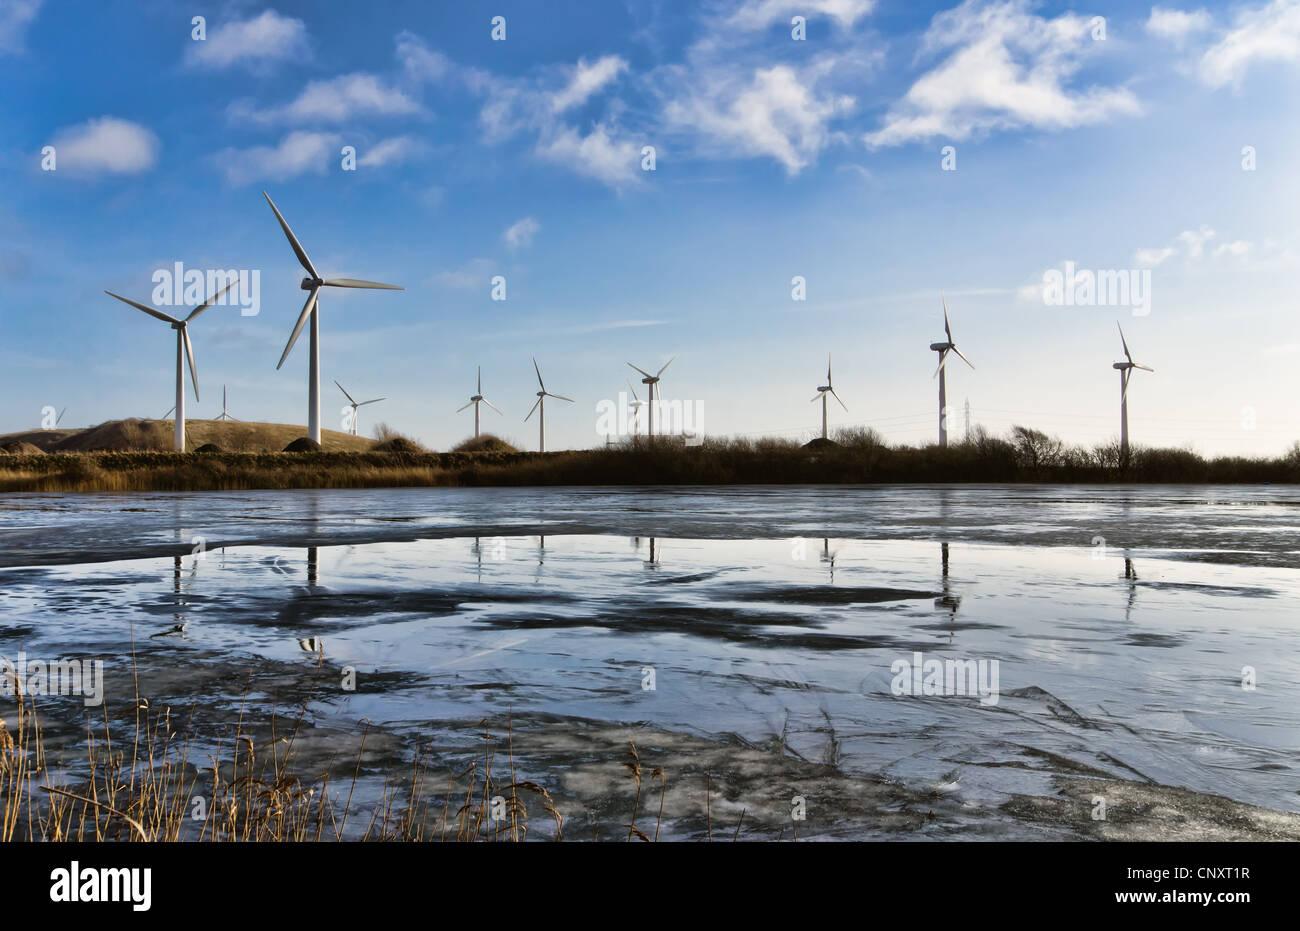 Cerca de Esbjerg, Dinamarca es una gran granja de molinos de viento. Imagen De Stock